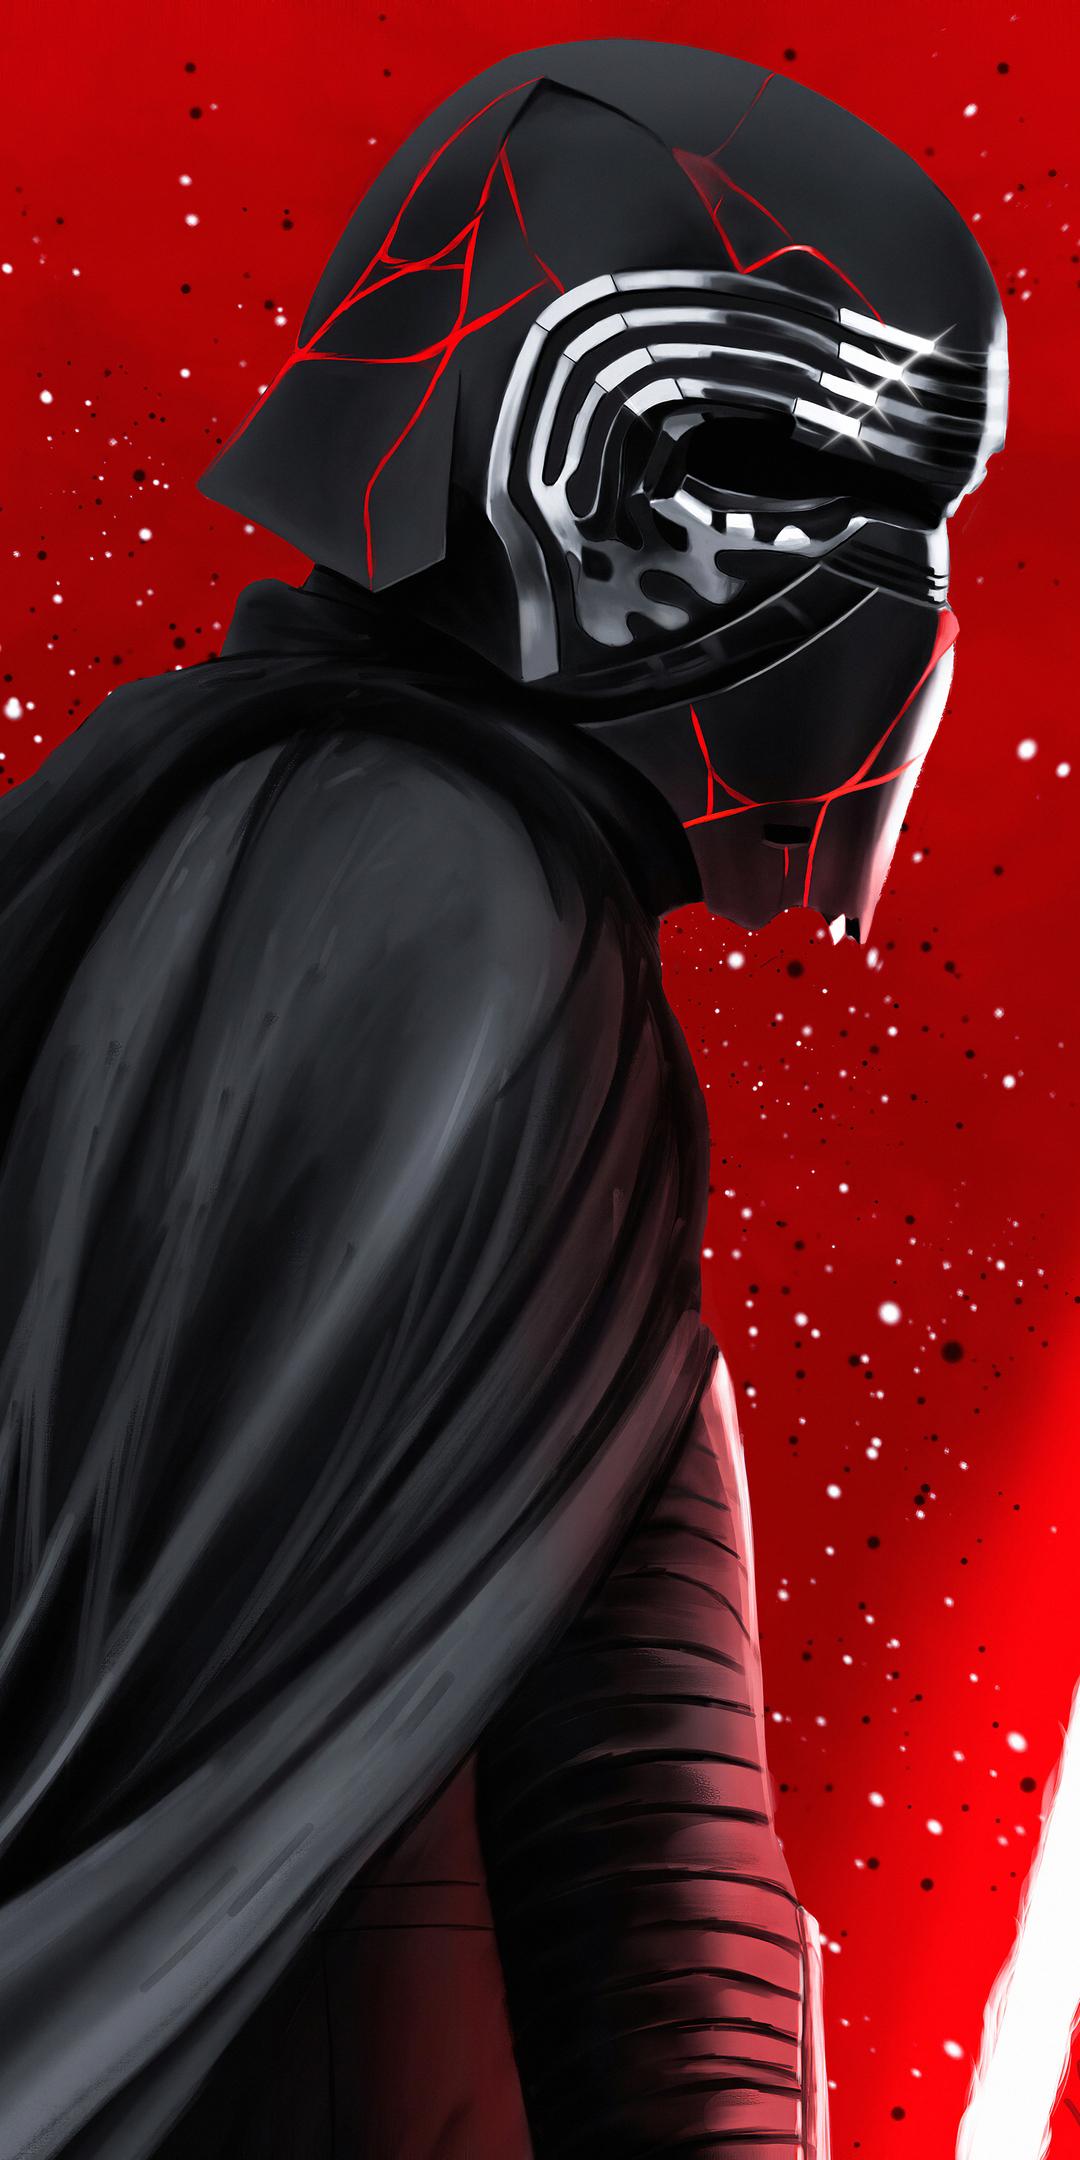 star-wars-the-rise-of-skywalker-poster-art-g5.jpg